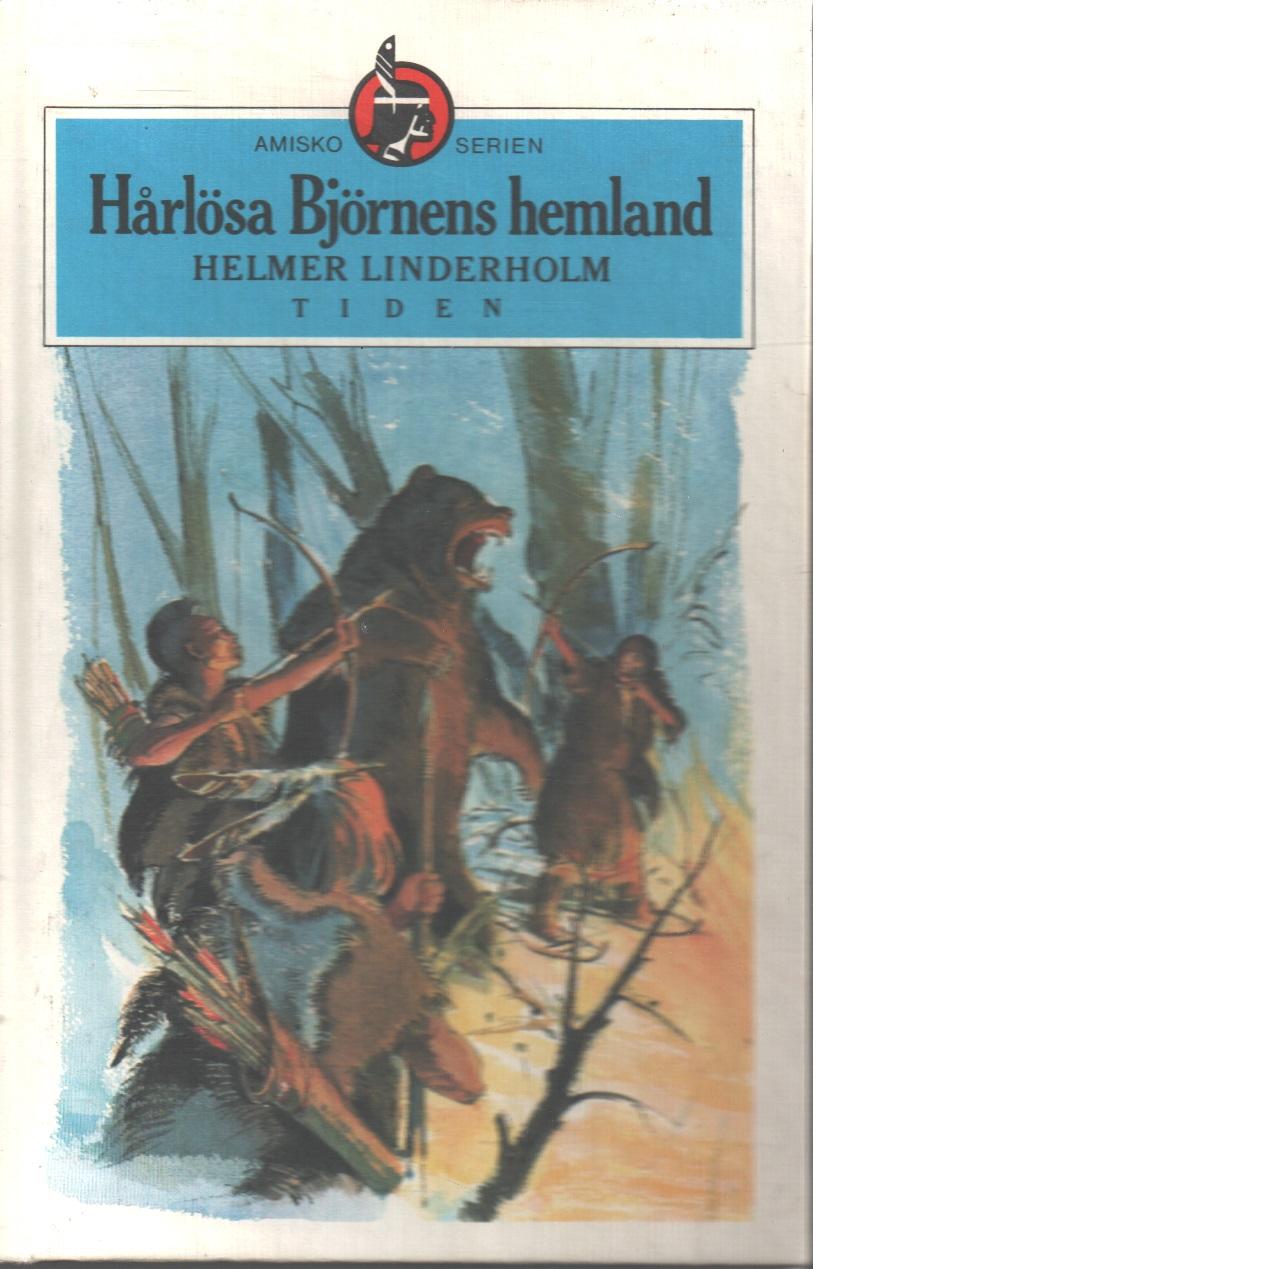 Hårlösa Björnens hemland : nionde delen av berättelsen om den svenske indianen Amisko - Linderholm, Helmer